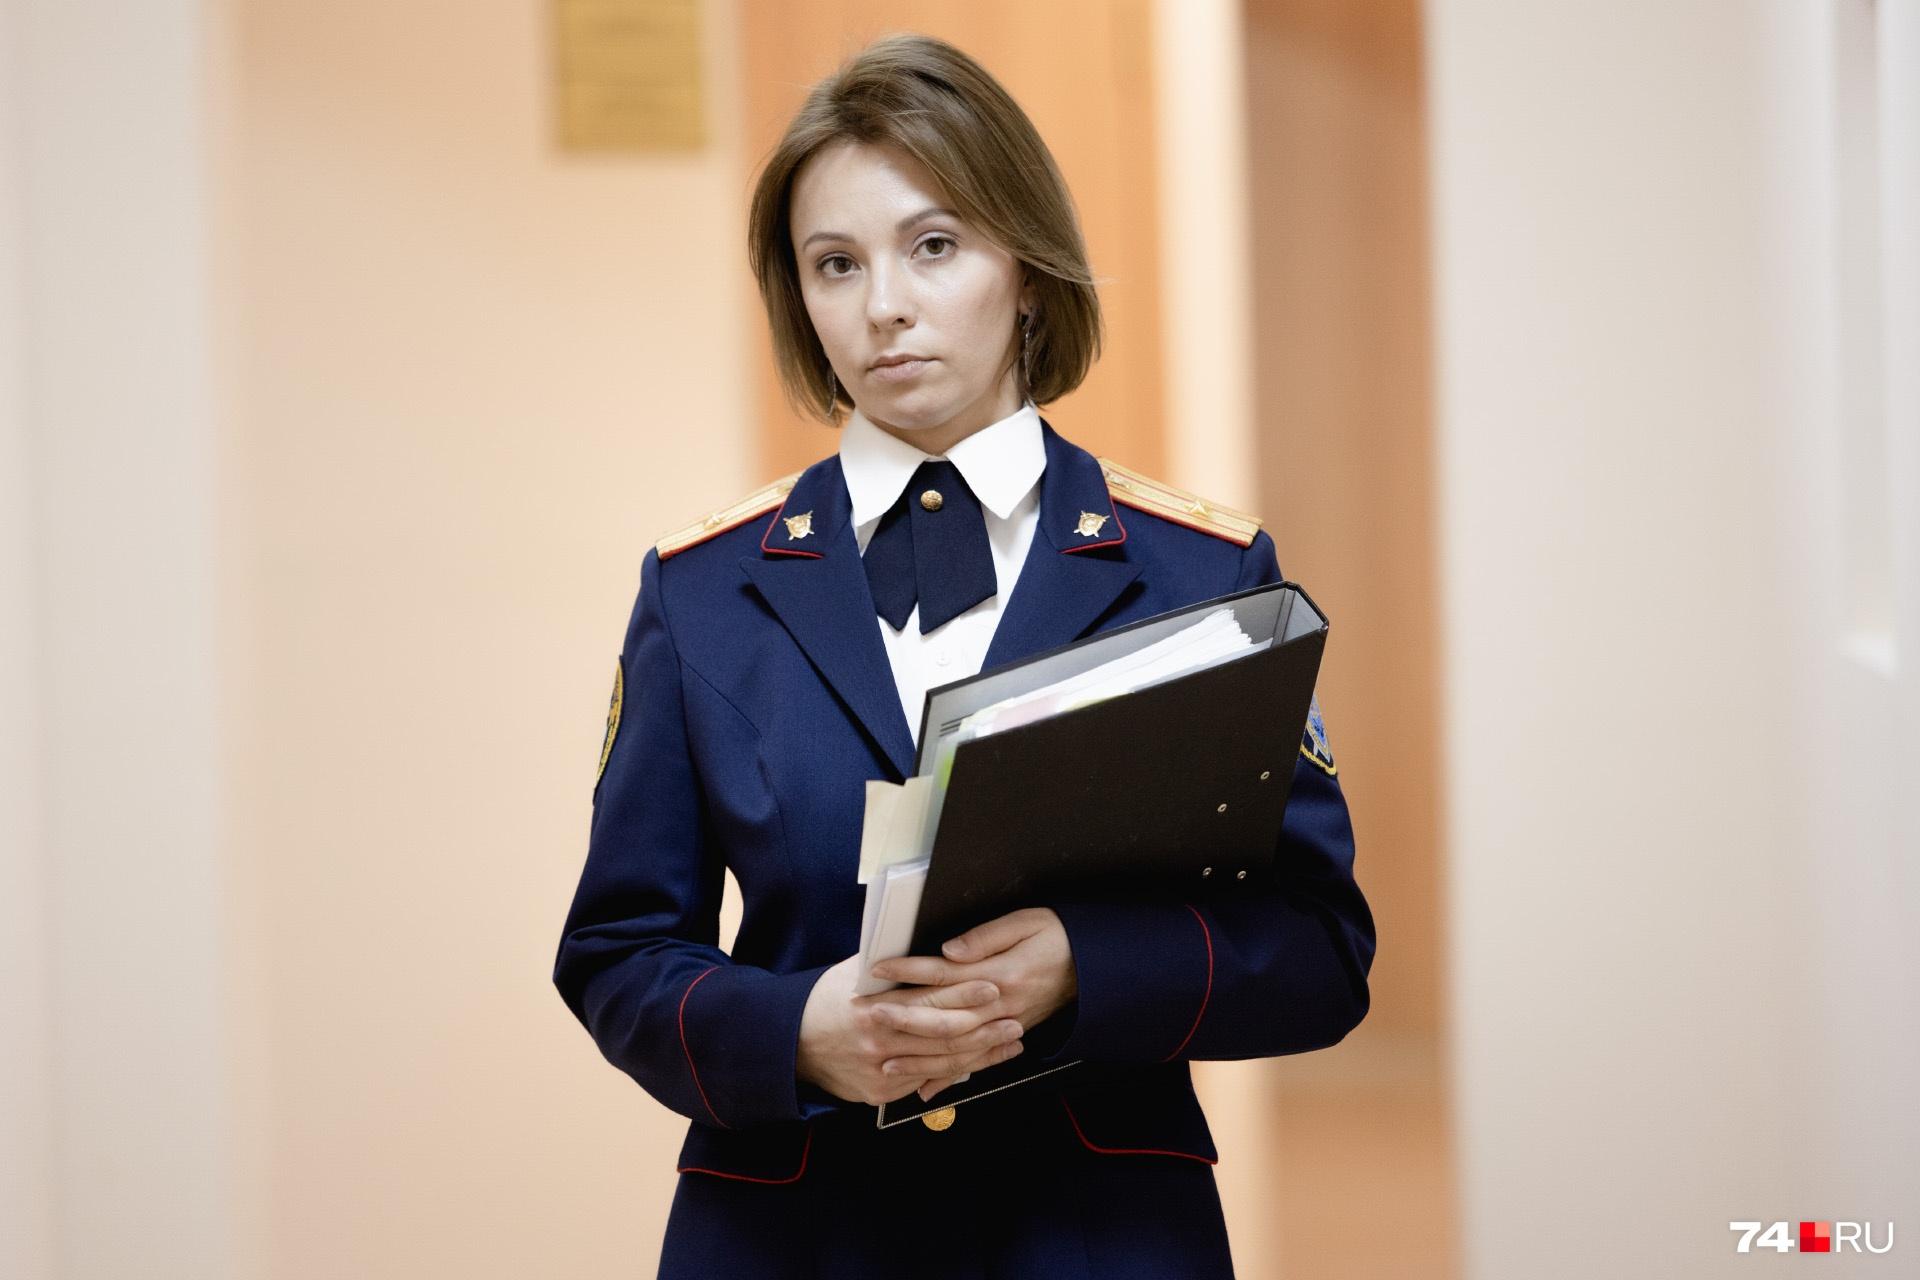 Ксения Михайлова говорит, что снять рабочее напряжение ей помогает спорт